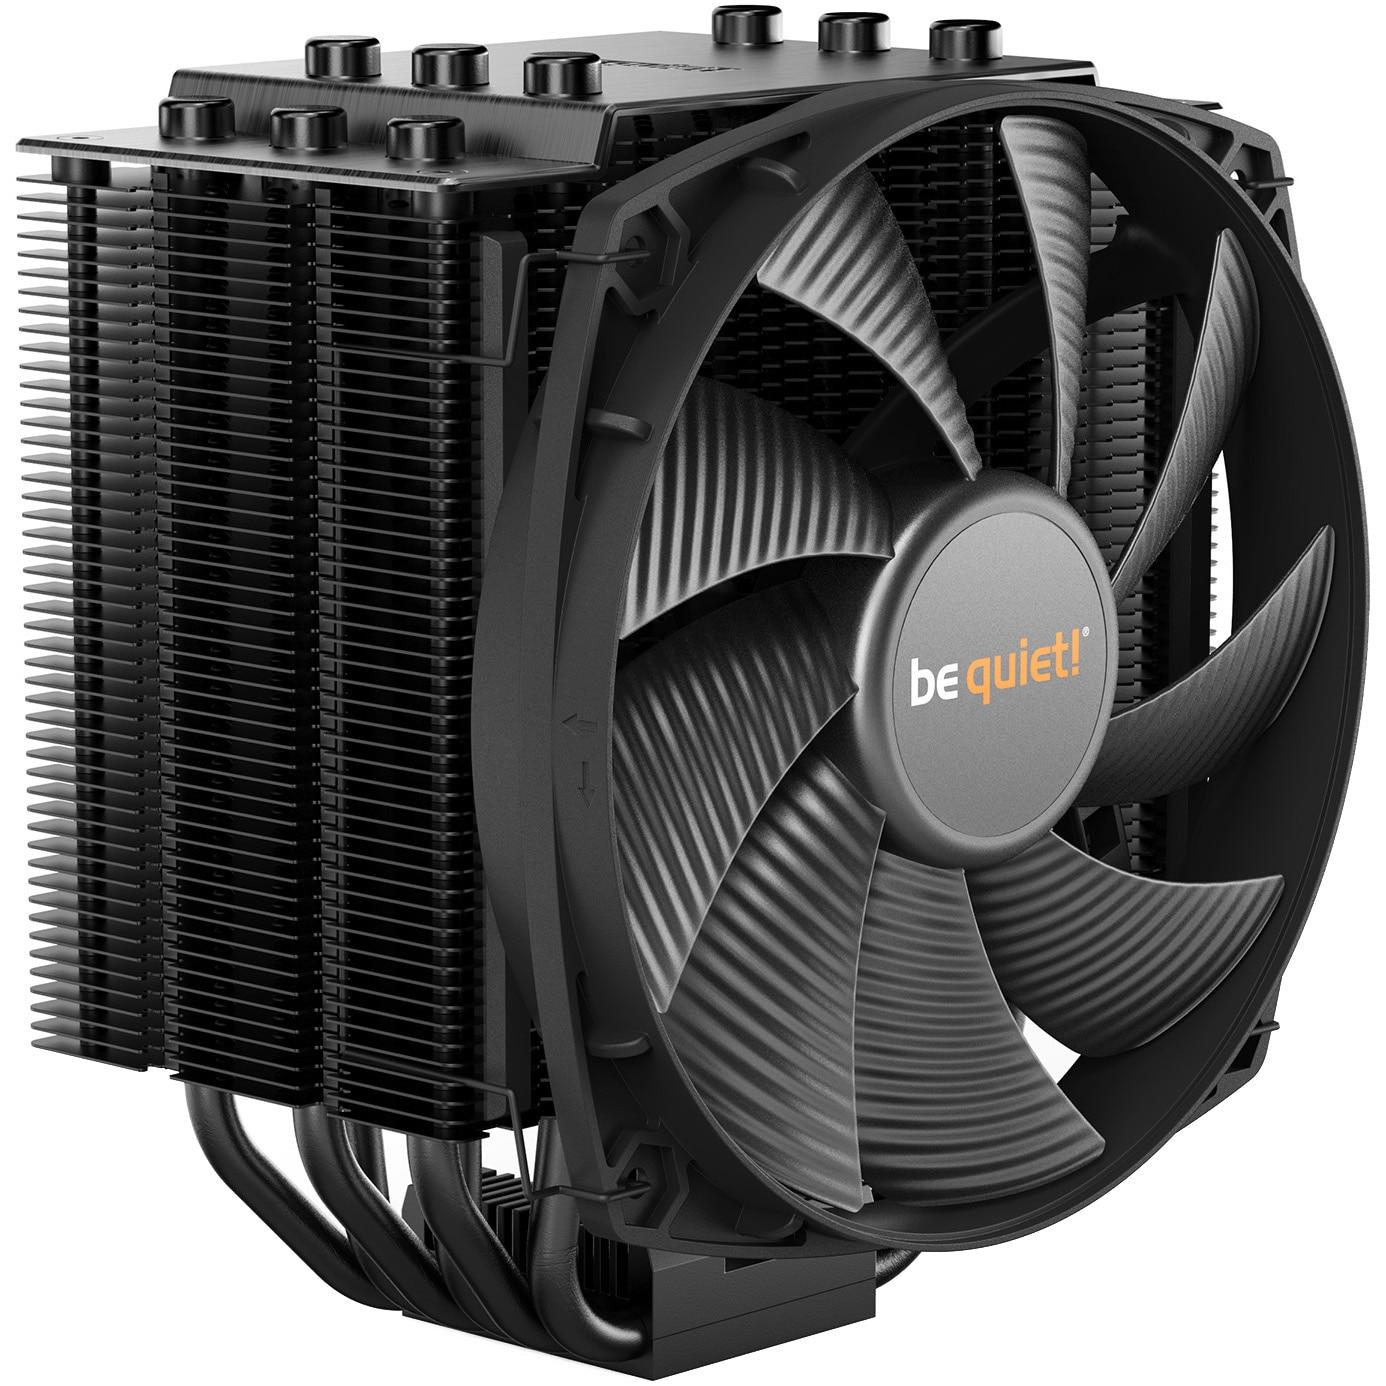 Fotografie Cooler Procesor be quiet! Dark Rock 4, compatibil AMD/Intel